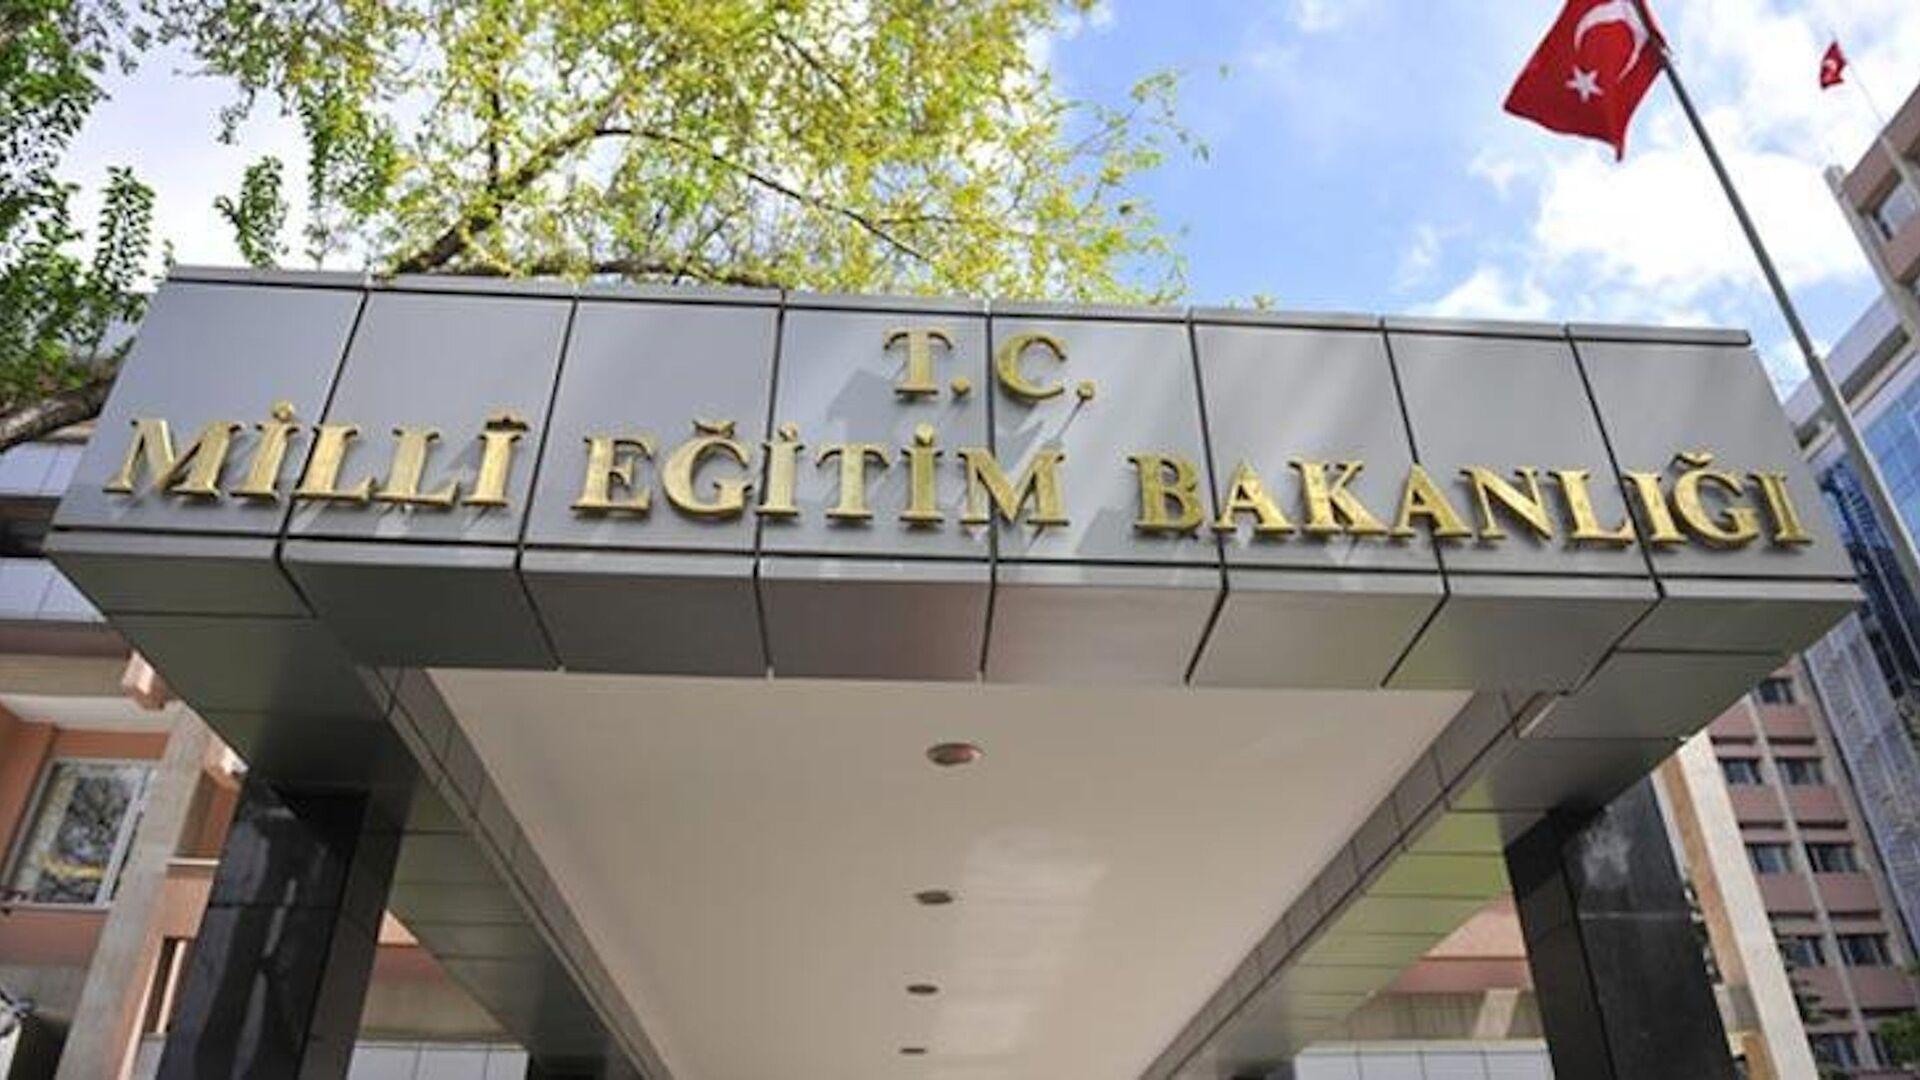 Milli Eğitim Bakanlığı (MEB) - Sputnik Türkiye, 1920, 12.05.2021